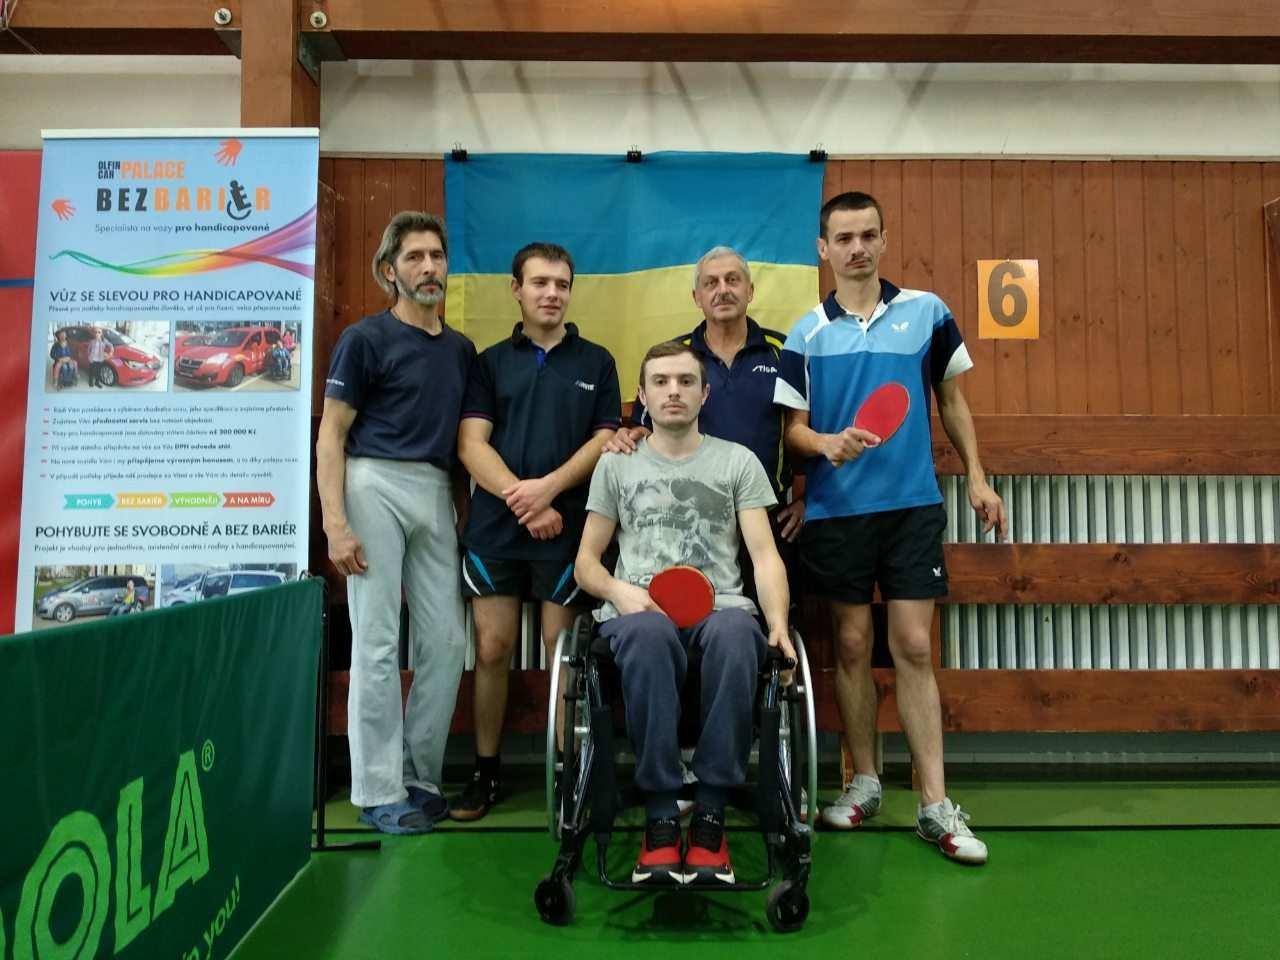 Спортсмени-паралімпійці із Закарпаття взяли участь  у міжнародному турнірі з настільного тенісу в Чехії